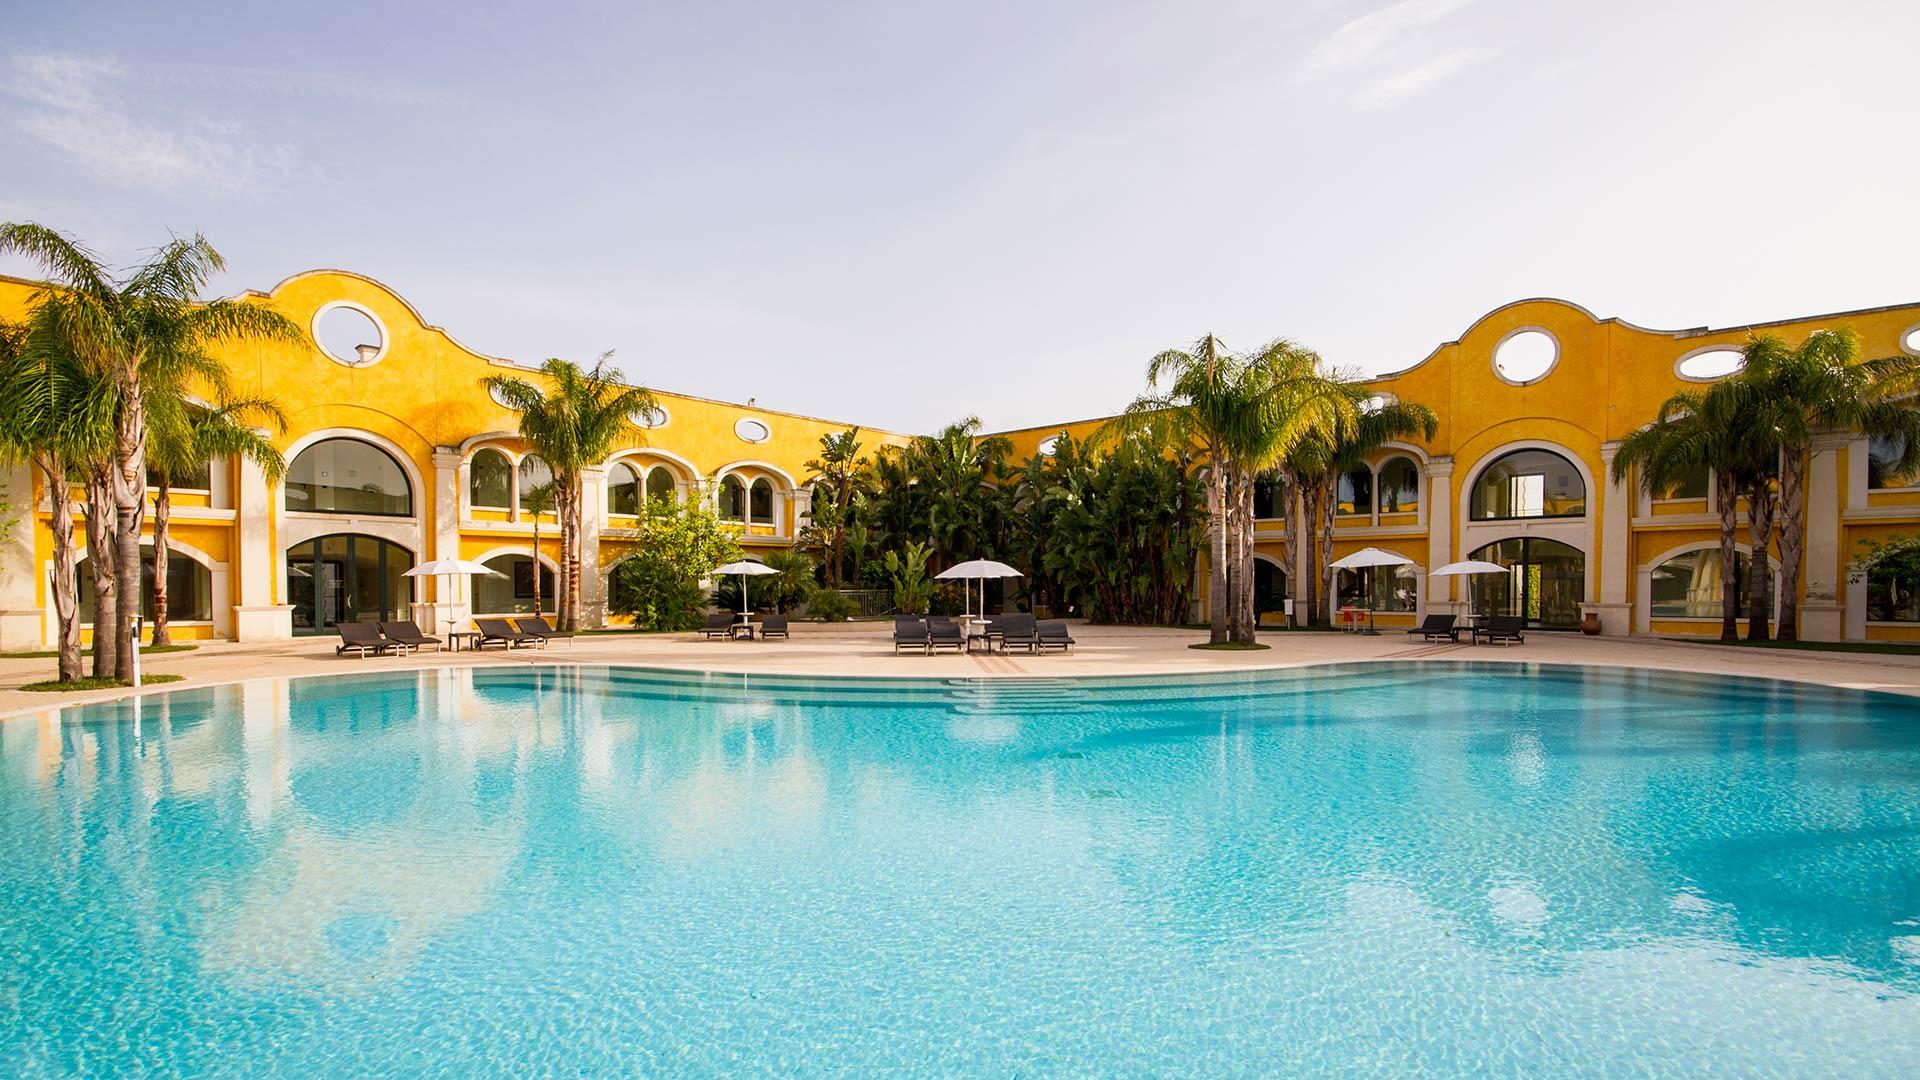 acaya-resort-pool